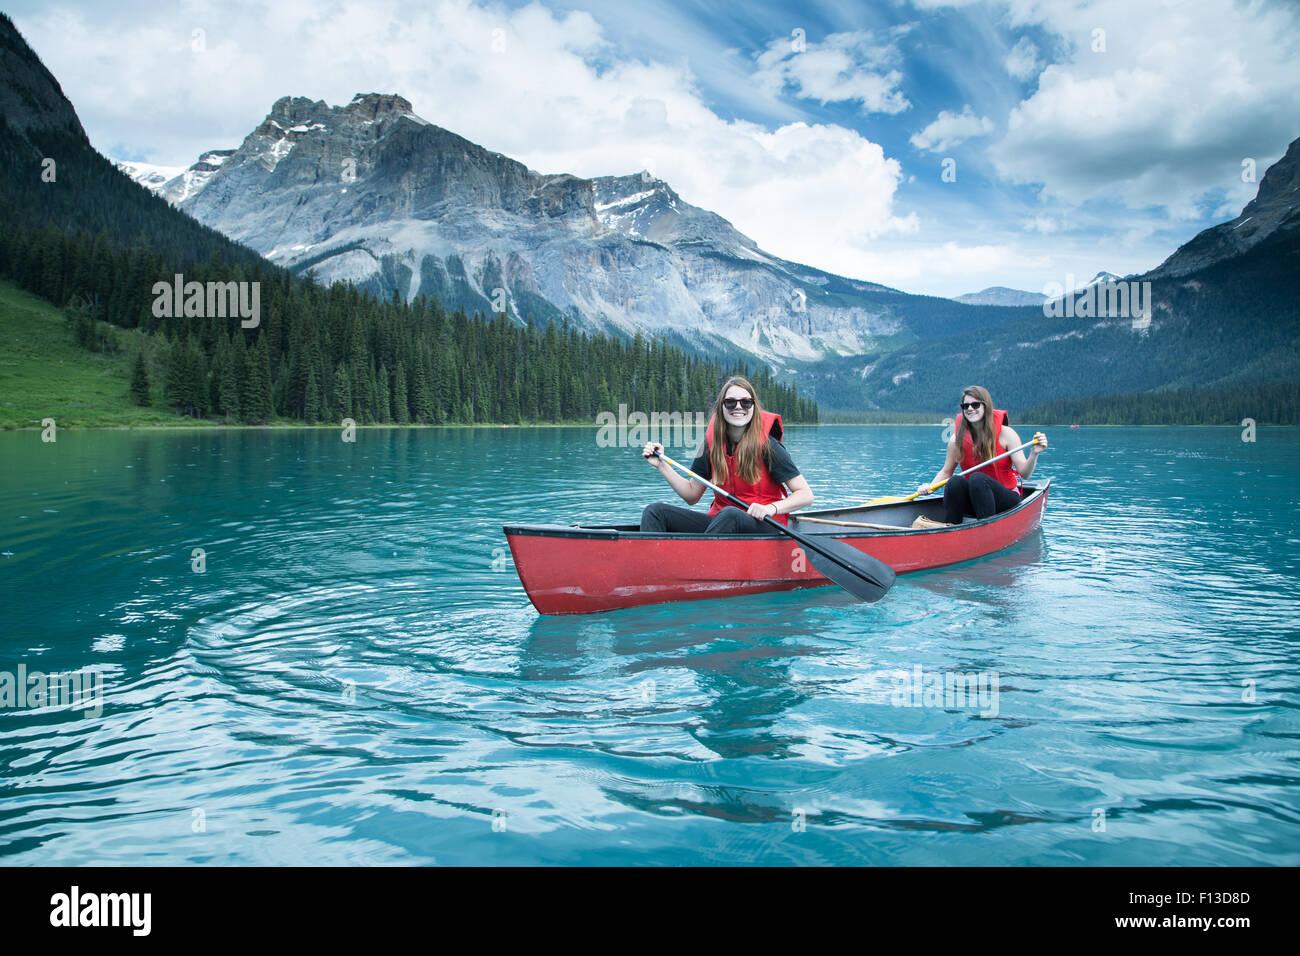 Dos niñas en kayak, el Parque Nacional Yoho, British Columbia, Canadá Imagen De Stock